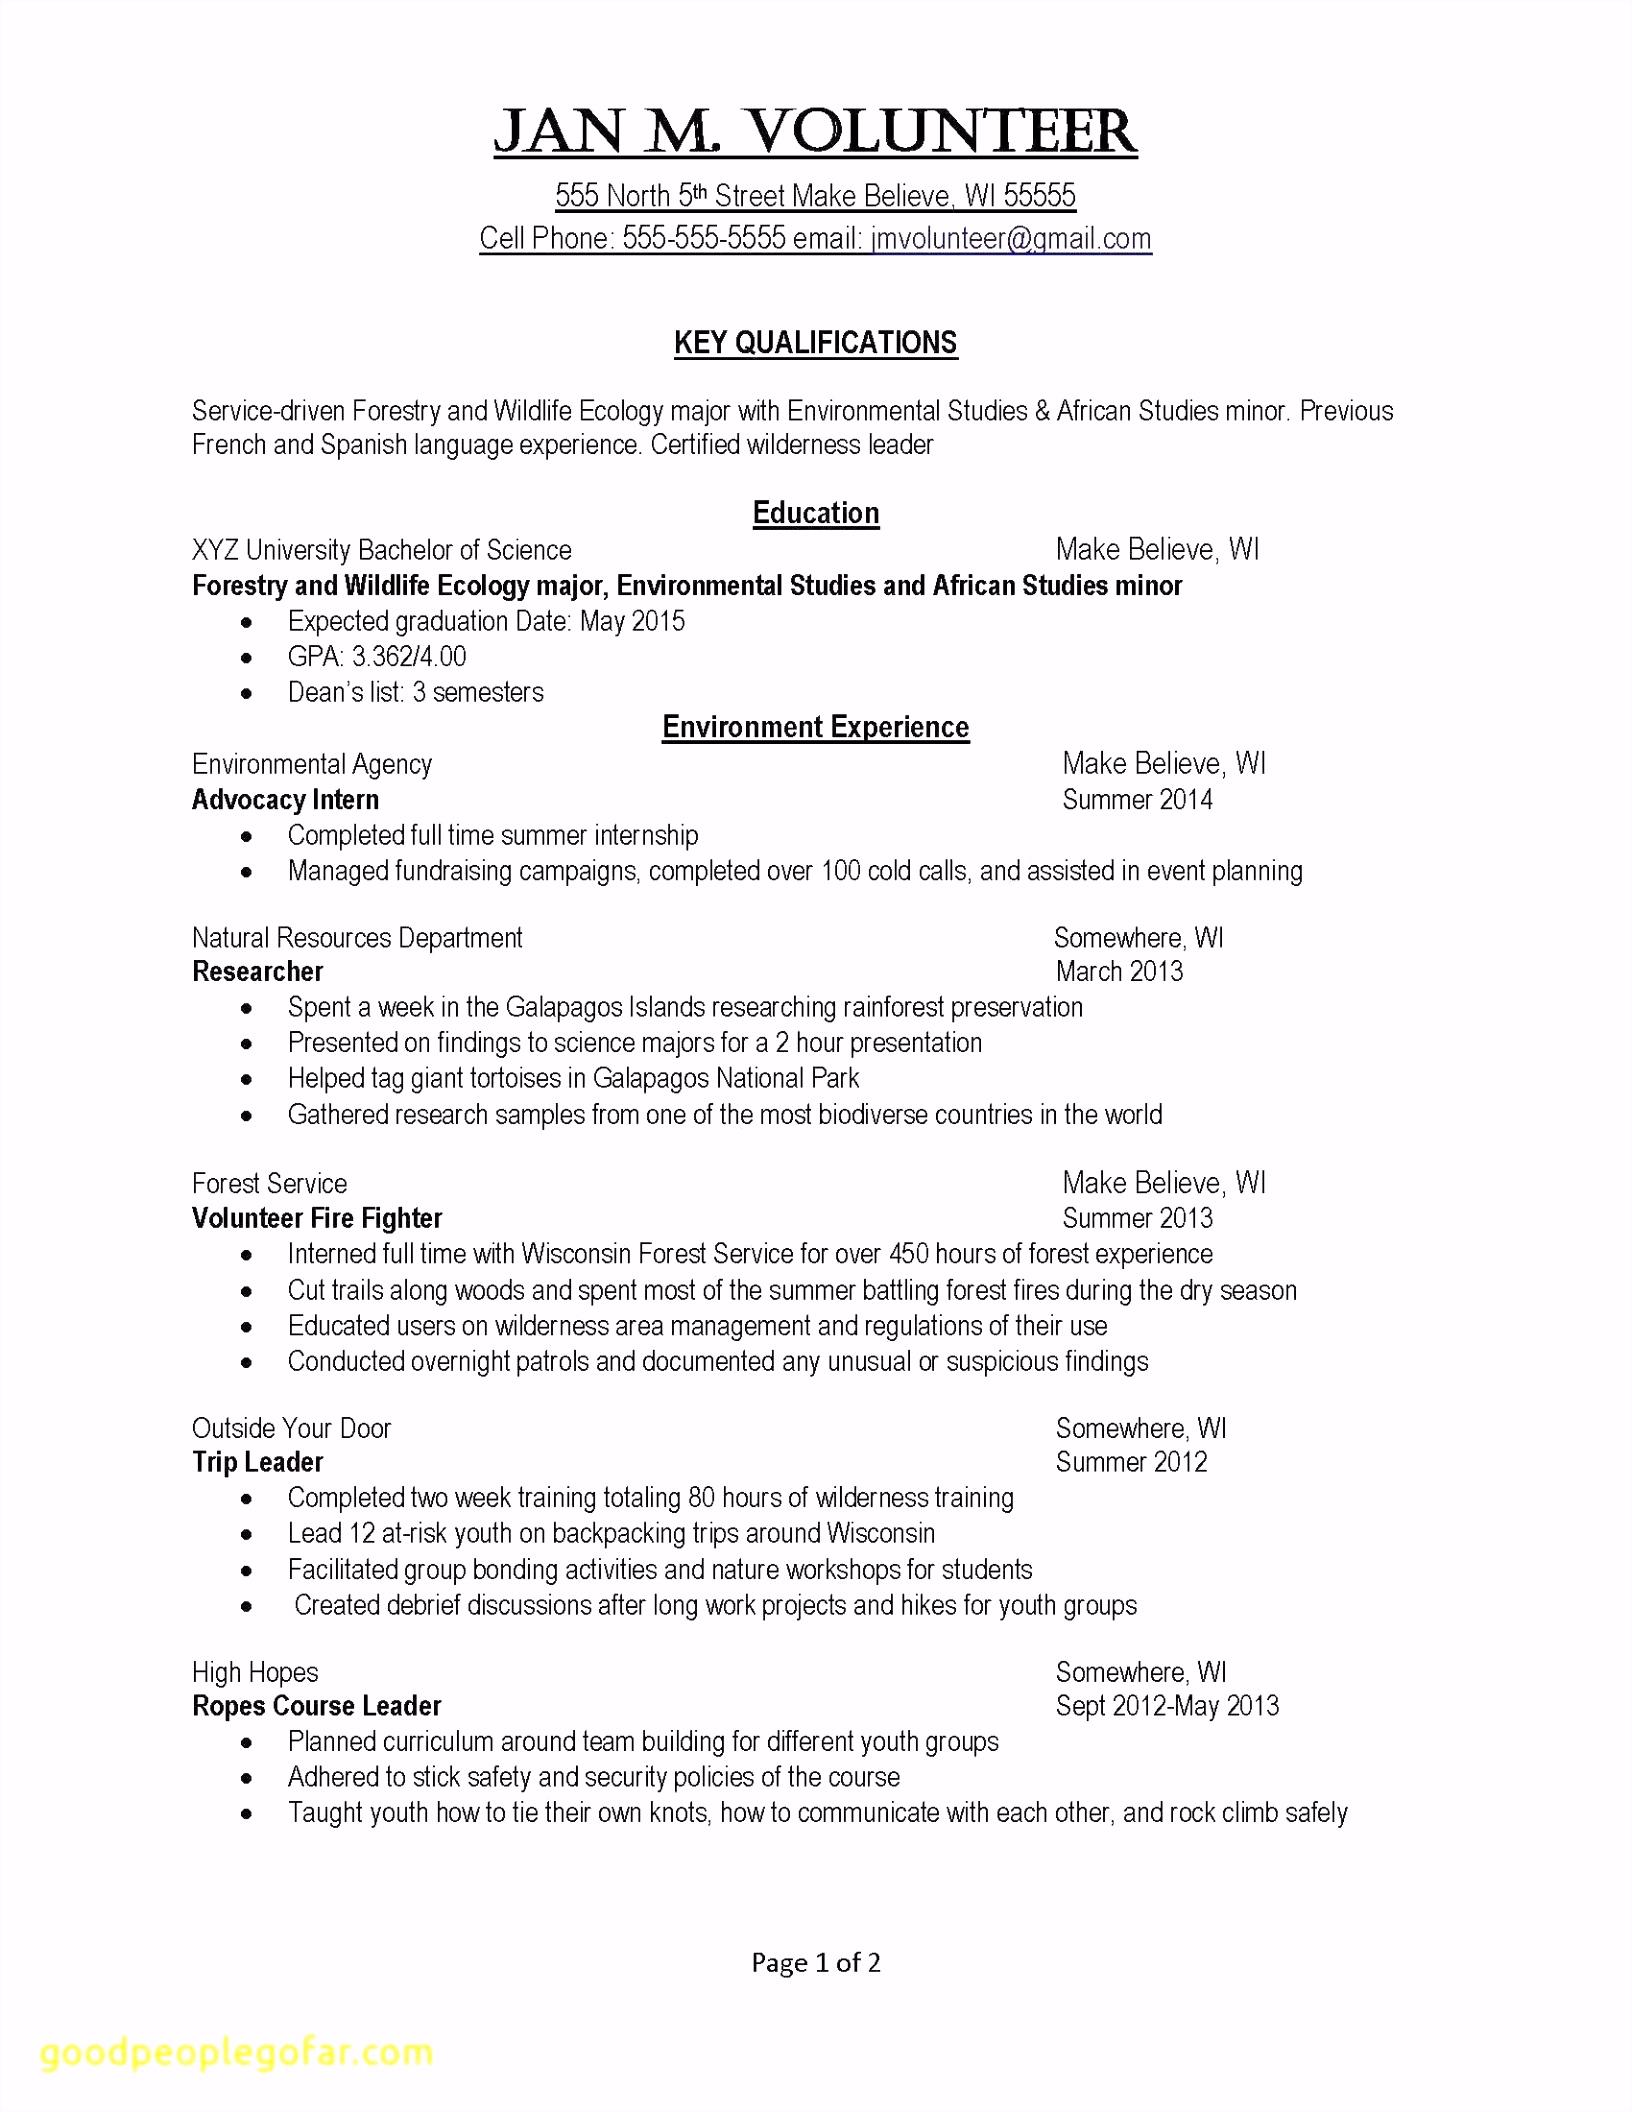 Homepage Vorlagen Creative Resume Templates Examples Free Creative Resume Template O3qr37ceh8 Esgjsutfq4